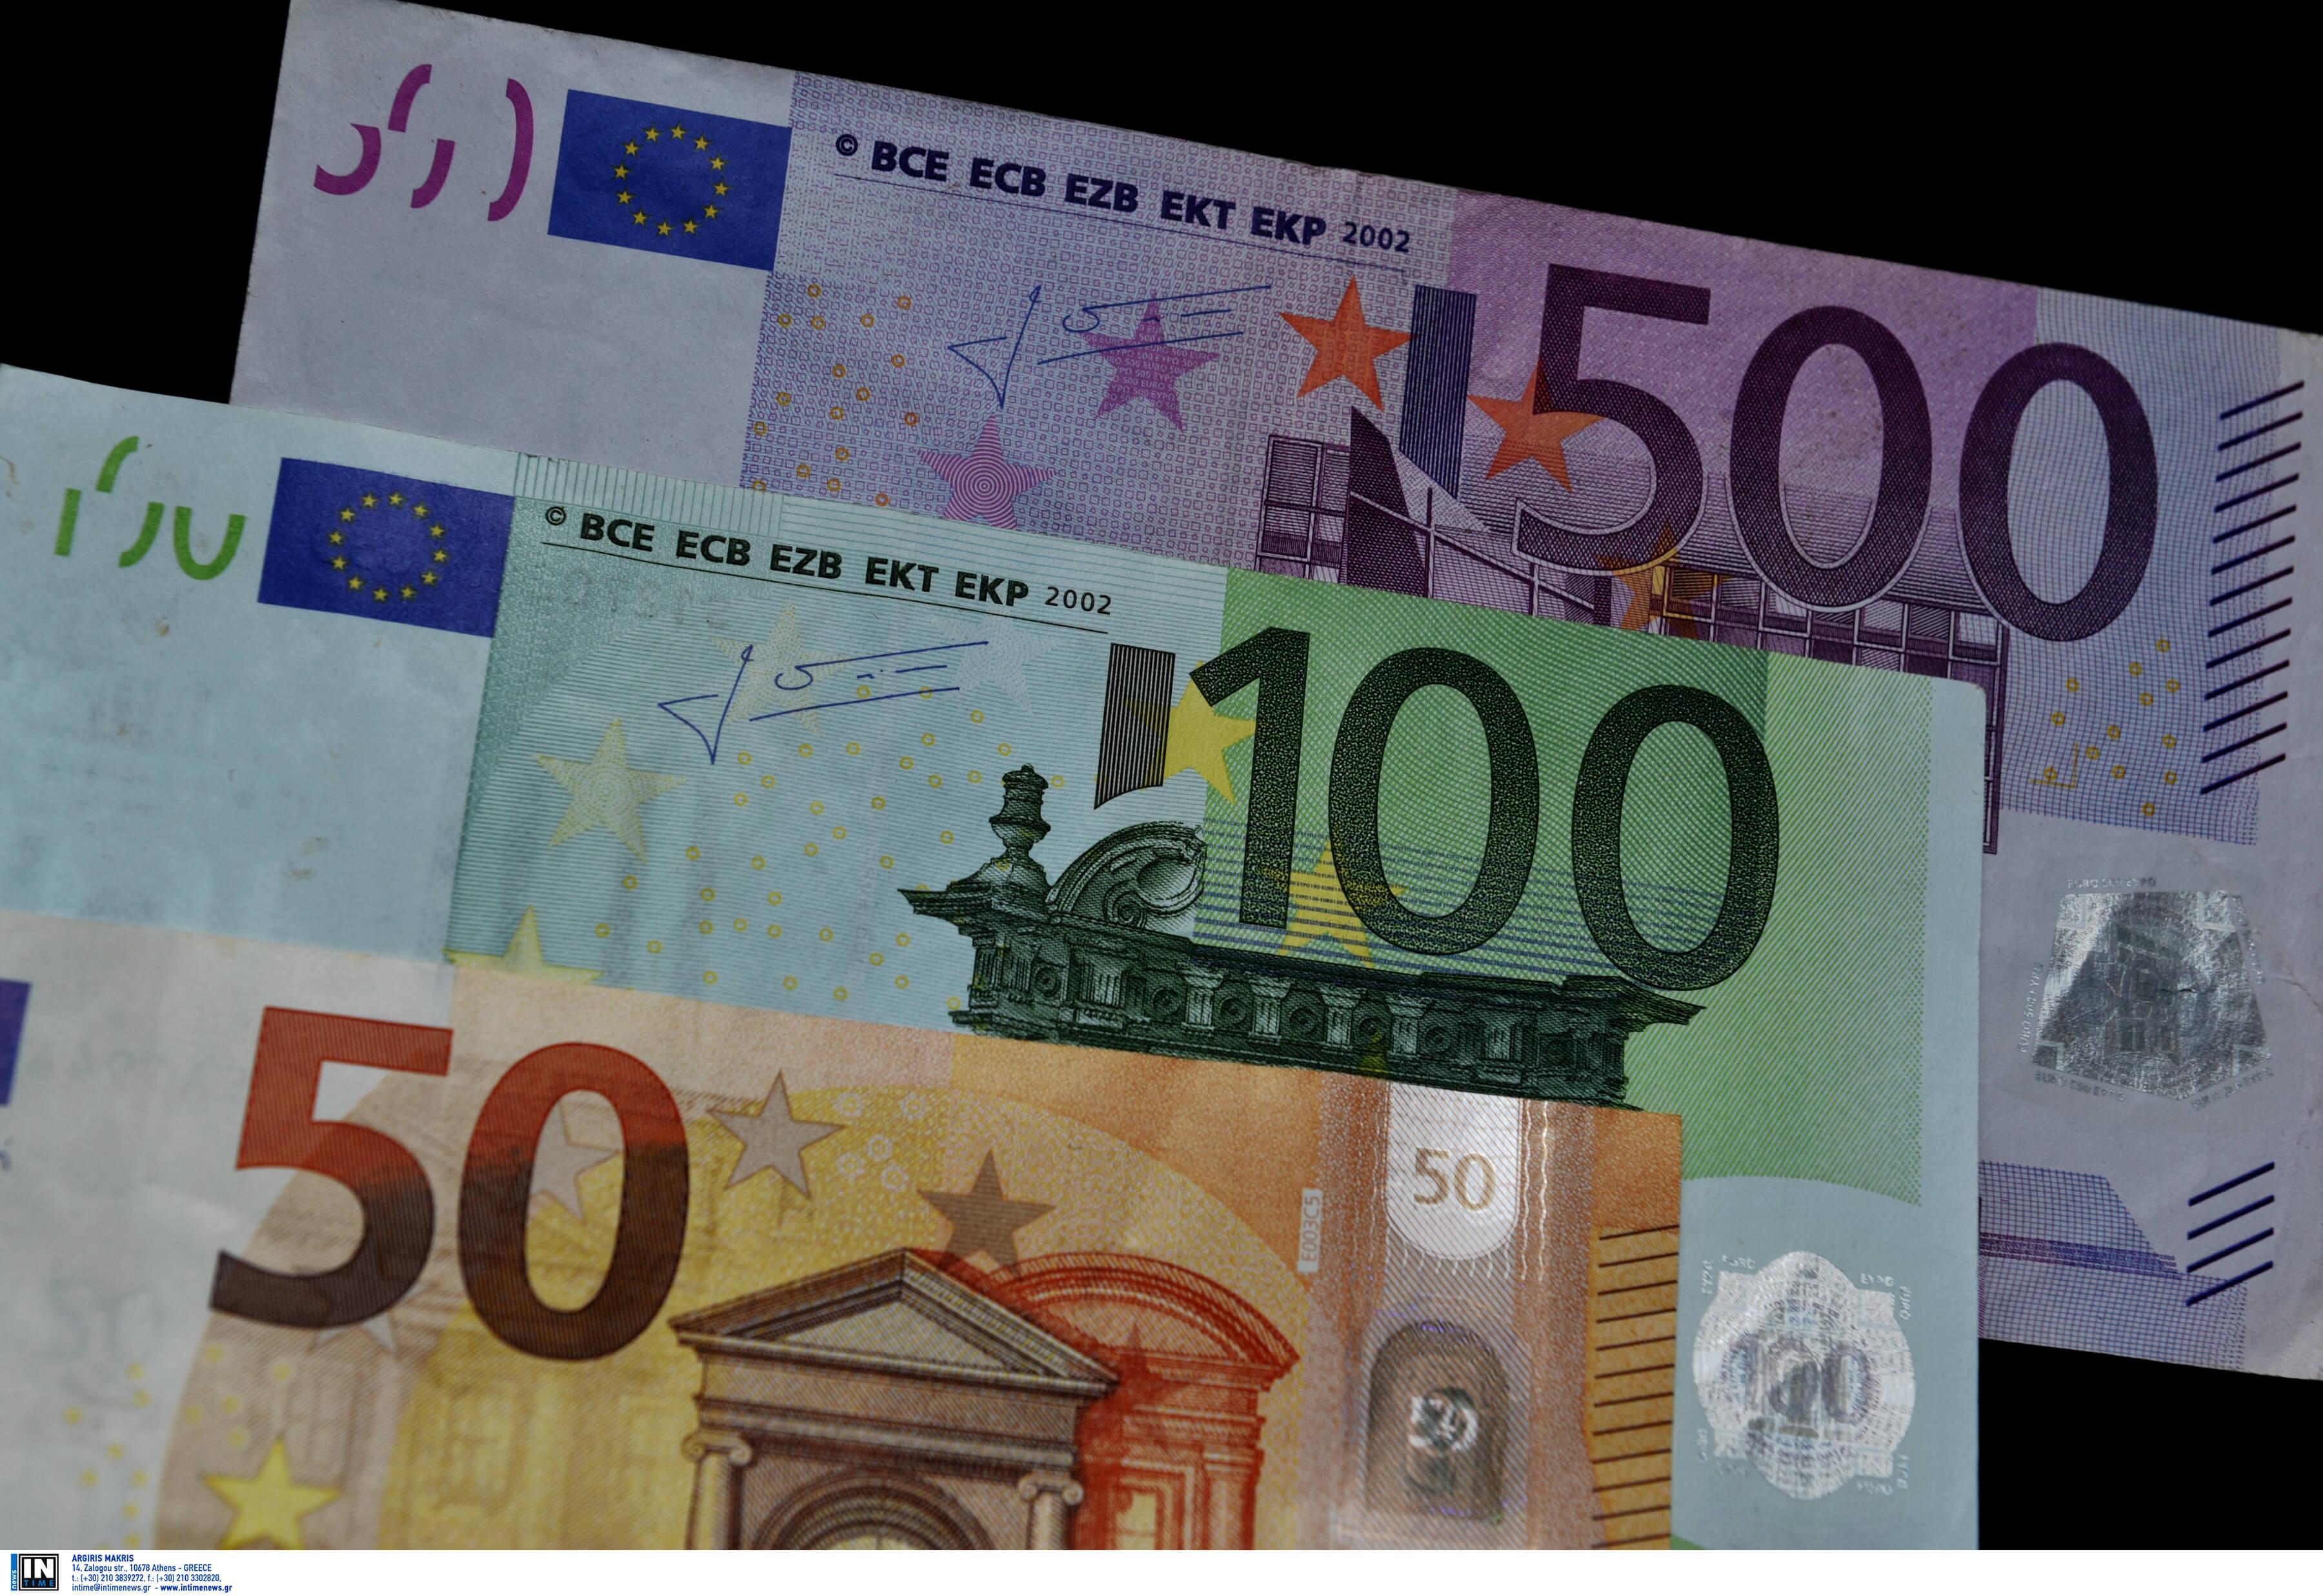 """Πέλλα: """"Δάγκωσαν"""" 7 άτομα με το ίδιο παραμύθι – Έβγαλαν πάνω από 35.000 ευρώ σε μία εβδομάδα!"""